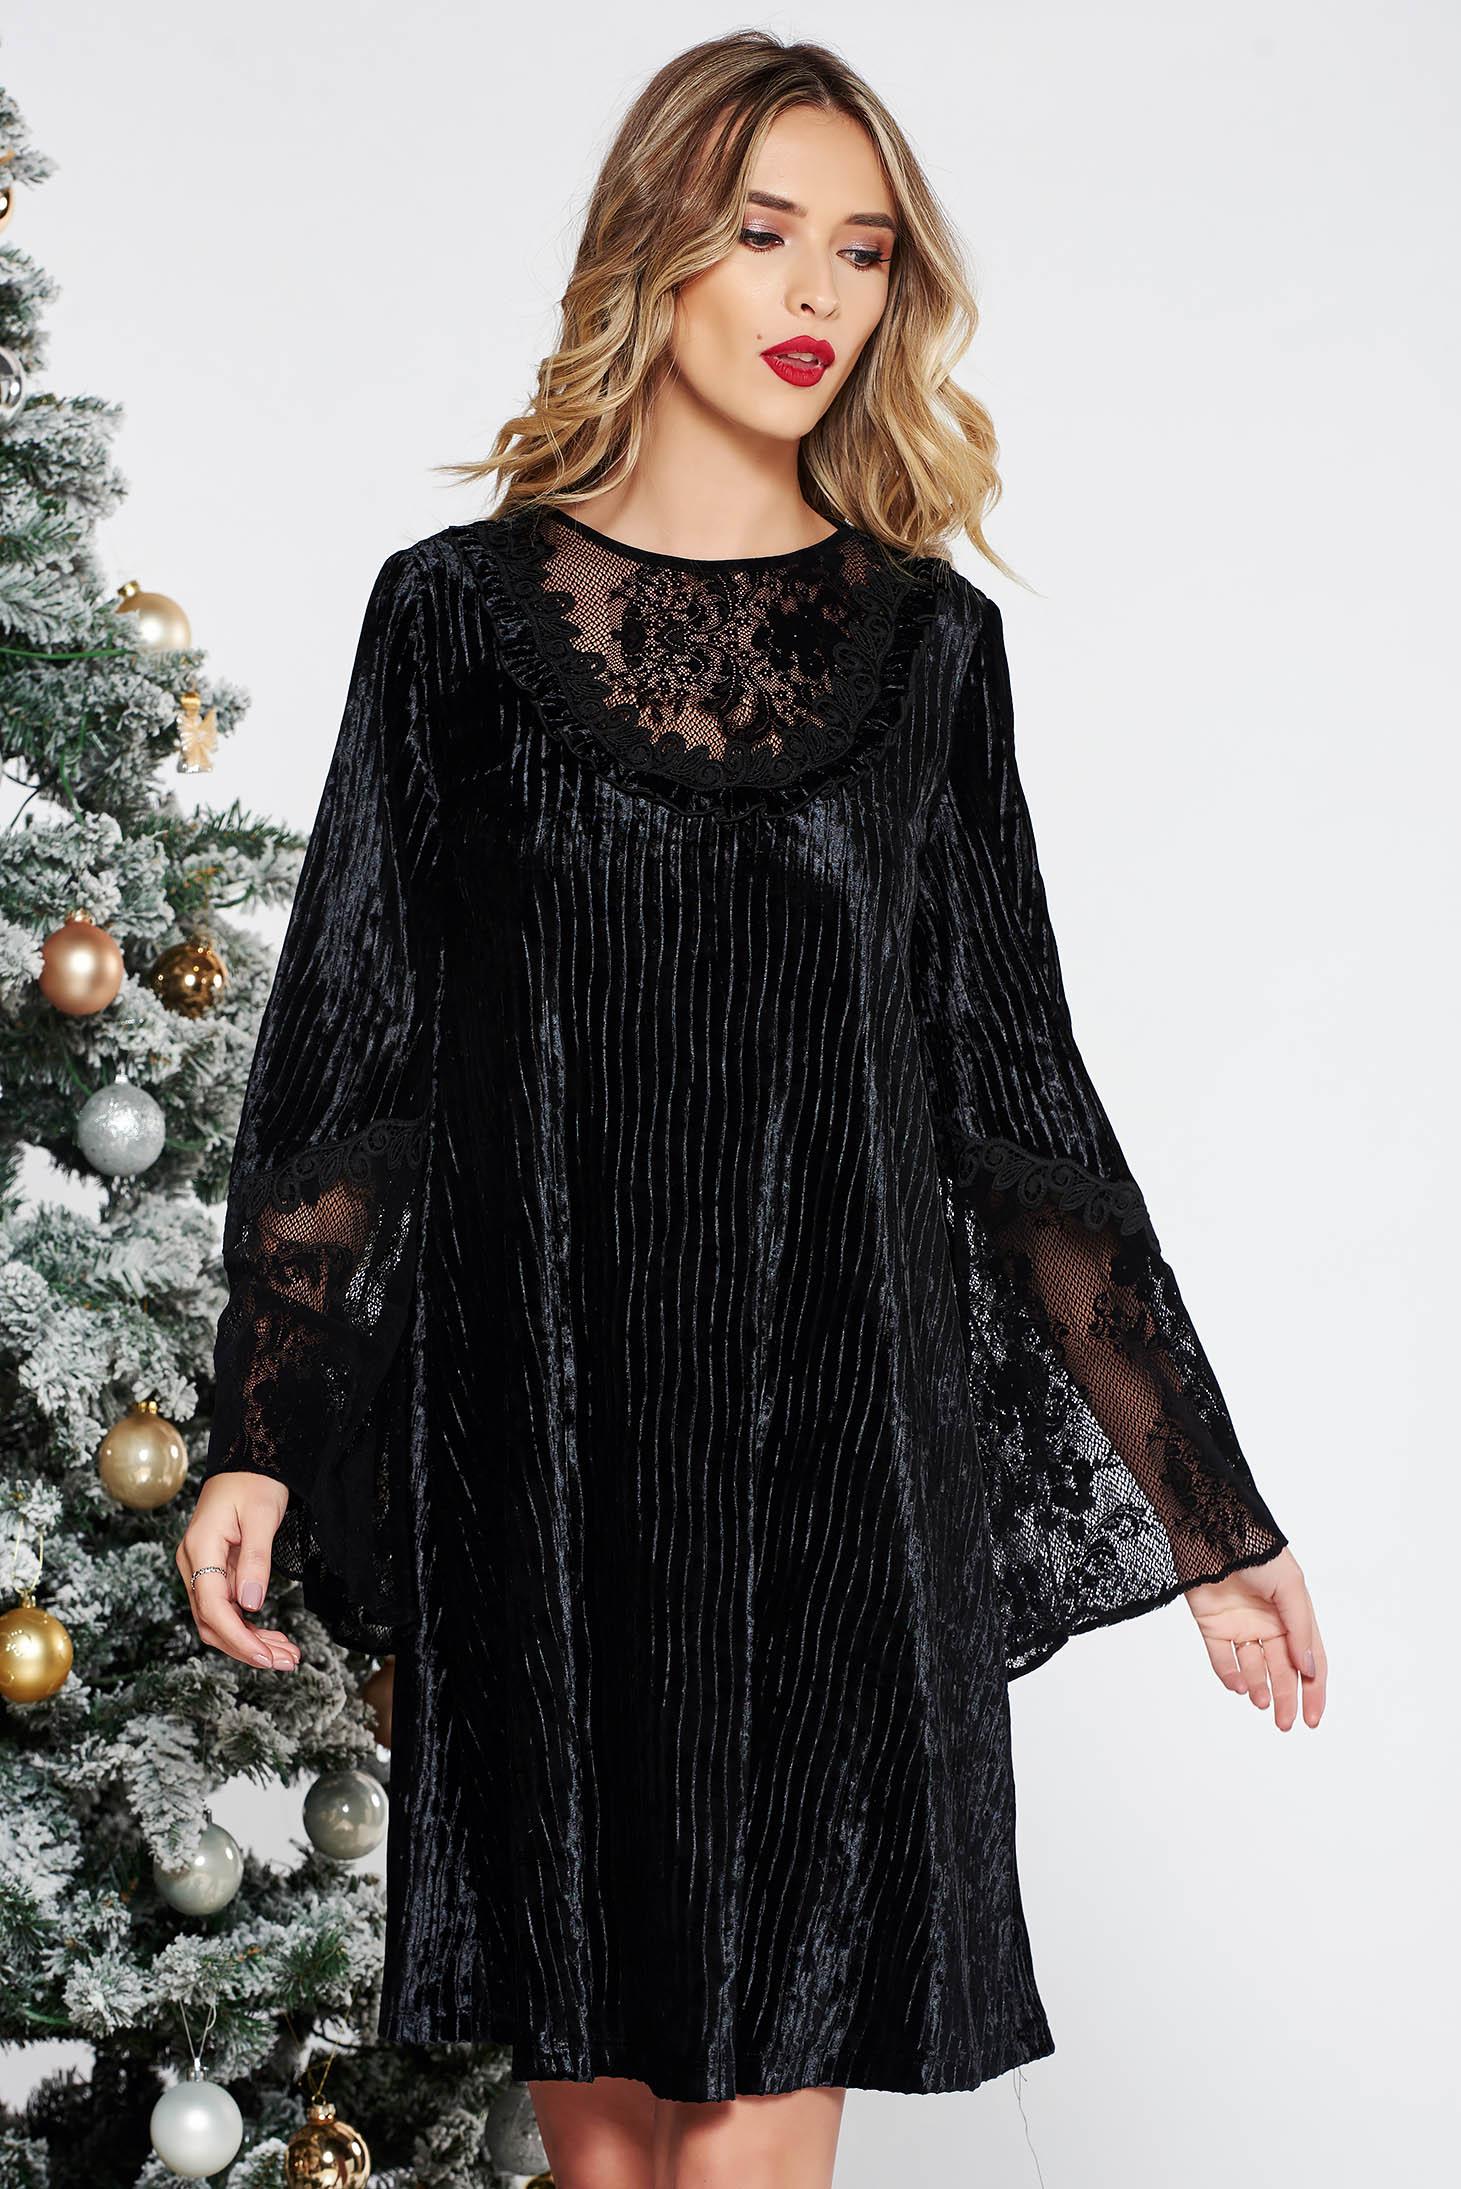 3cd403012a Fekete LaDonna alkalmi bő szabású rakott bársony ruha belső béléssel csipke  díszítéssel